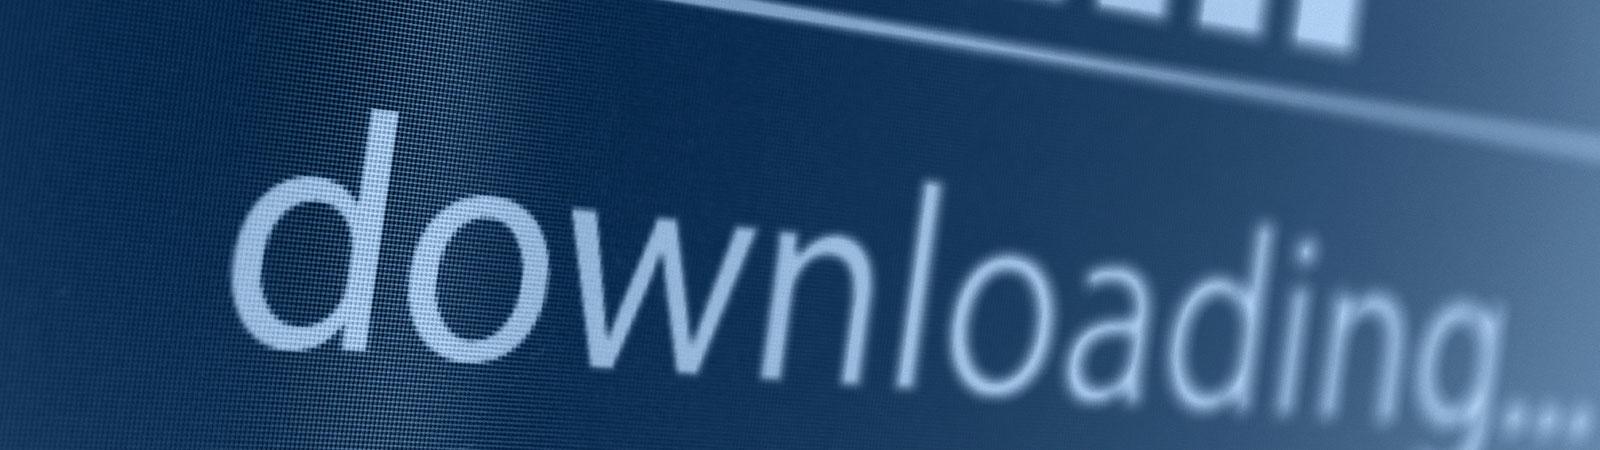 download-header